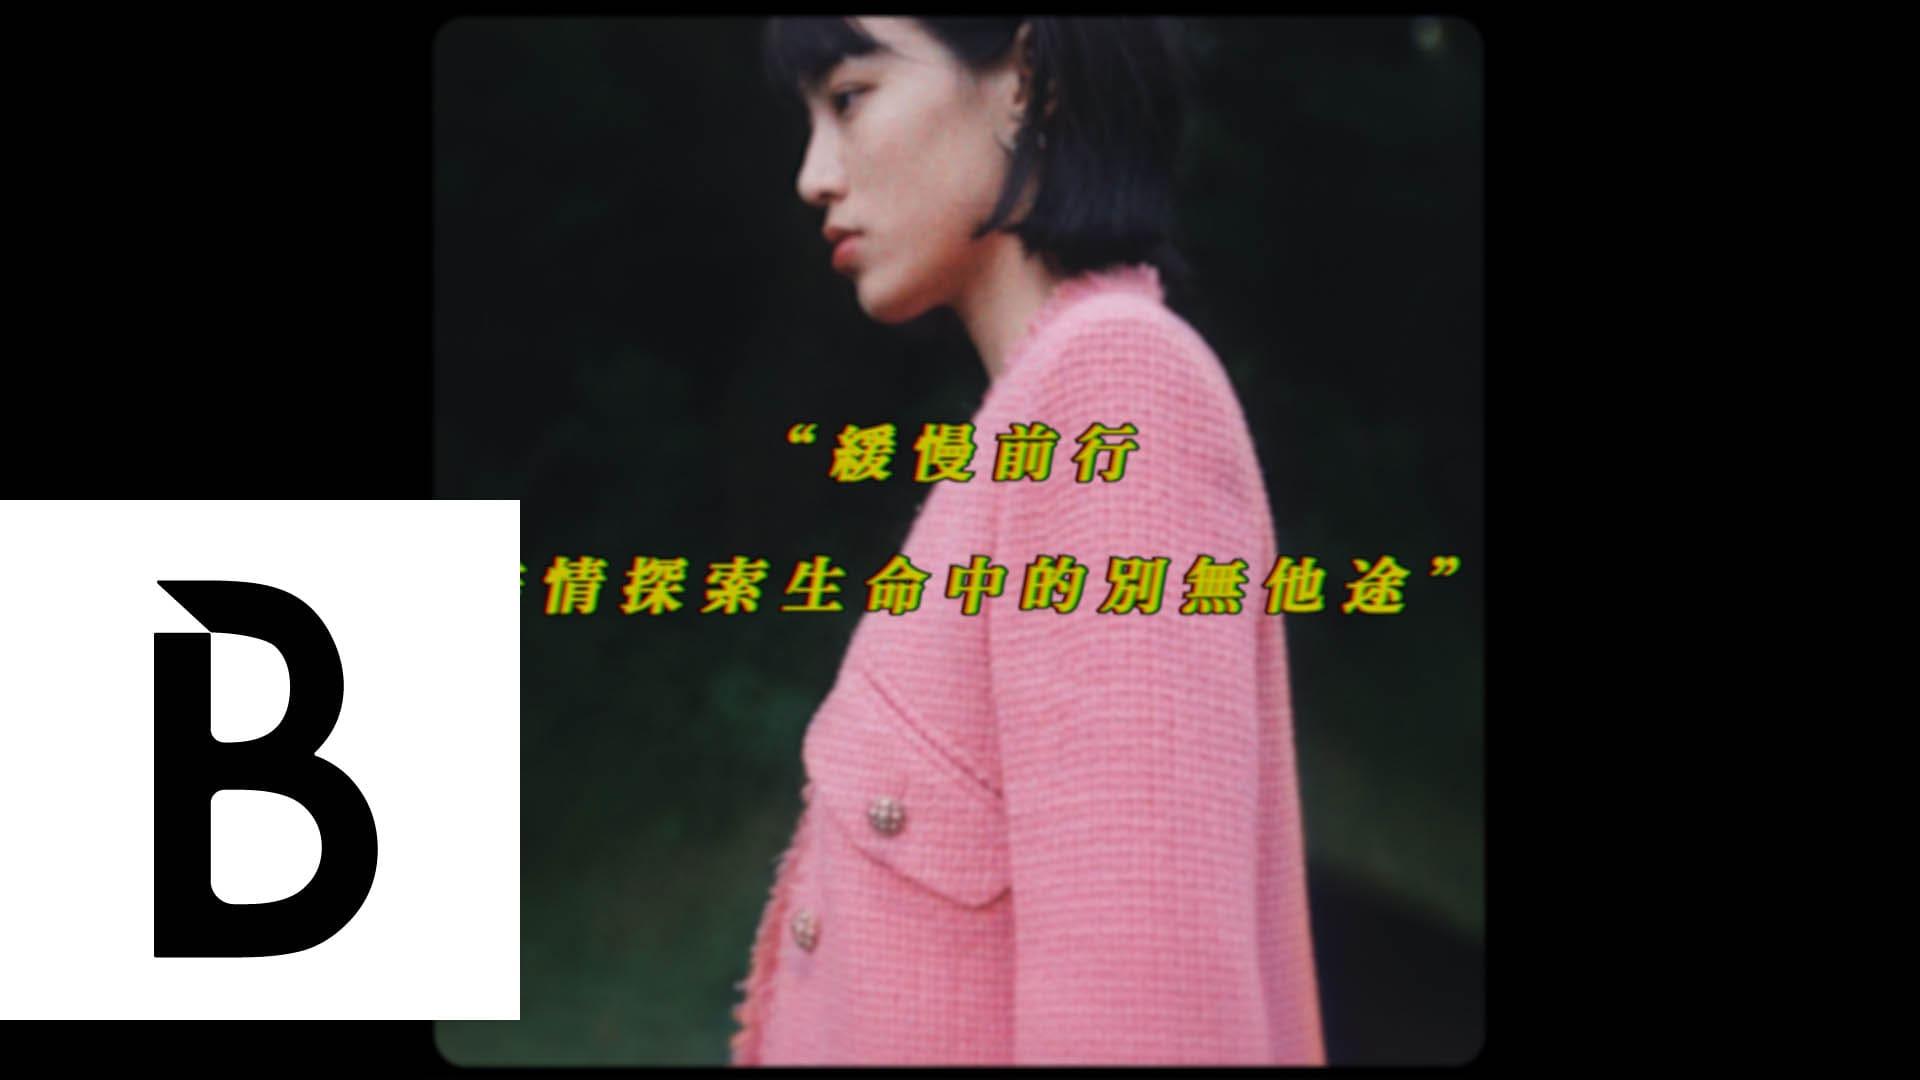 專訪|不想跟星爸游鴻明扯上邊,最美星二代游宇潼想走自己的路:「我們面臨的現實跟上一代已經差很多了!」| Bella Taiwan